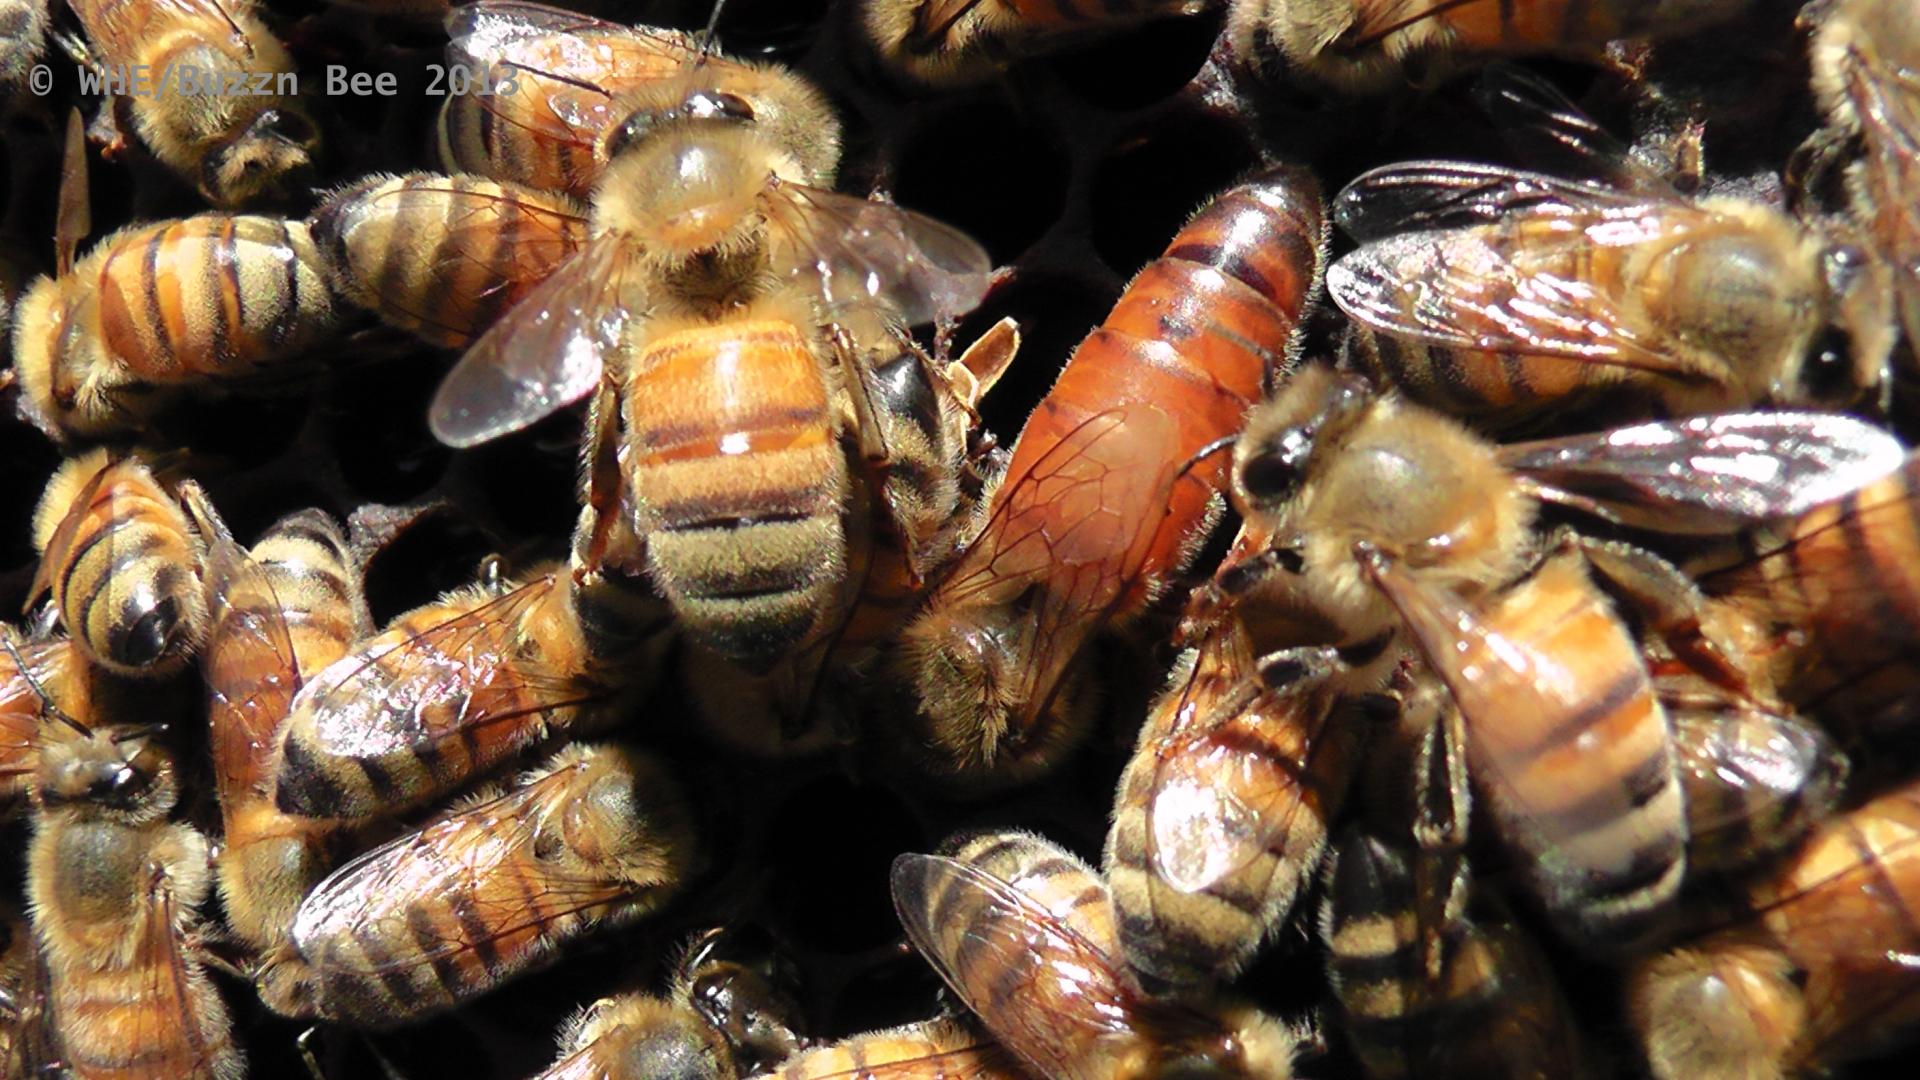 Close up of queen bee